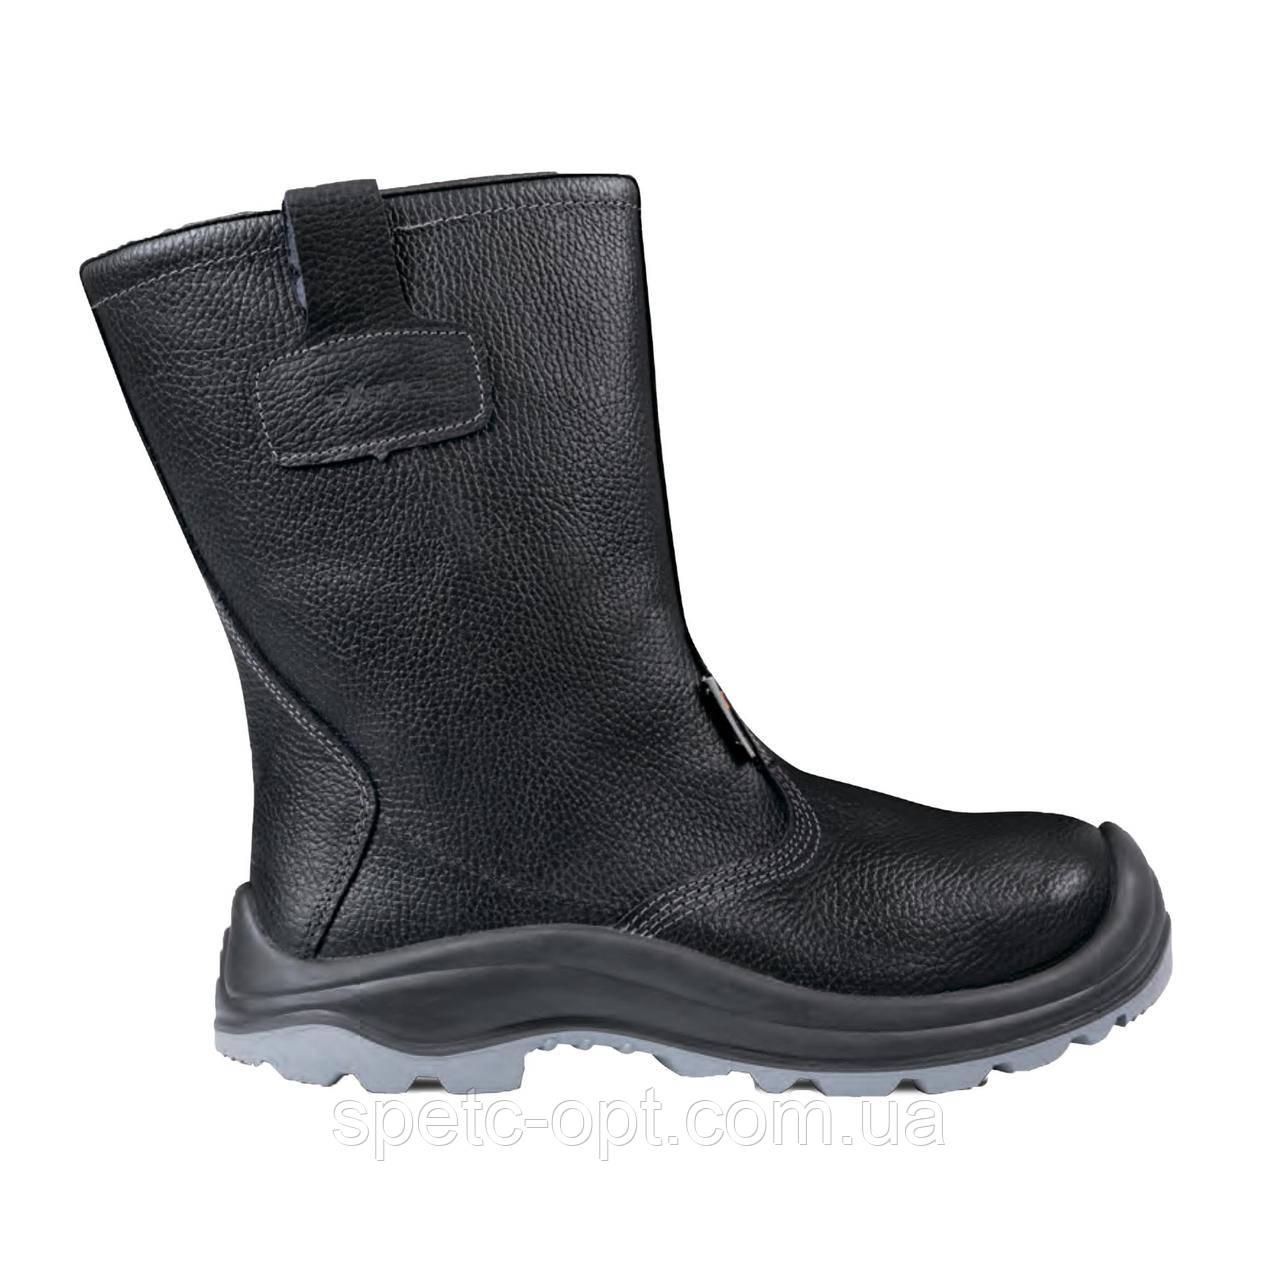 Сапоги кожаные утепленные EXENA S-3